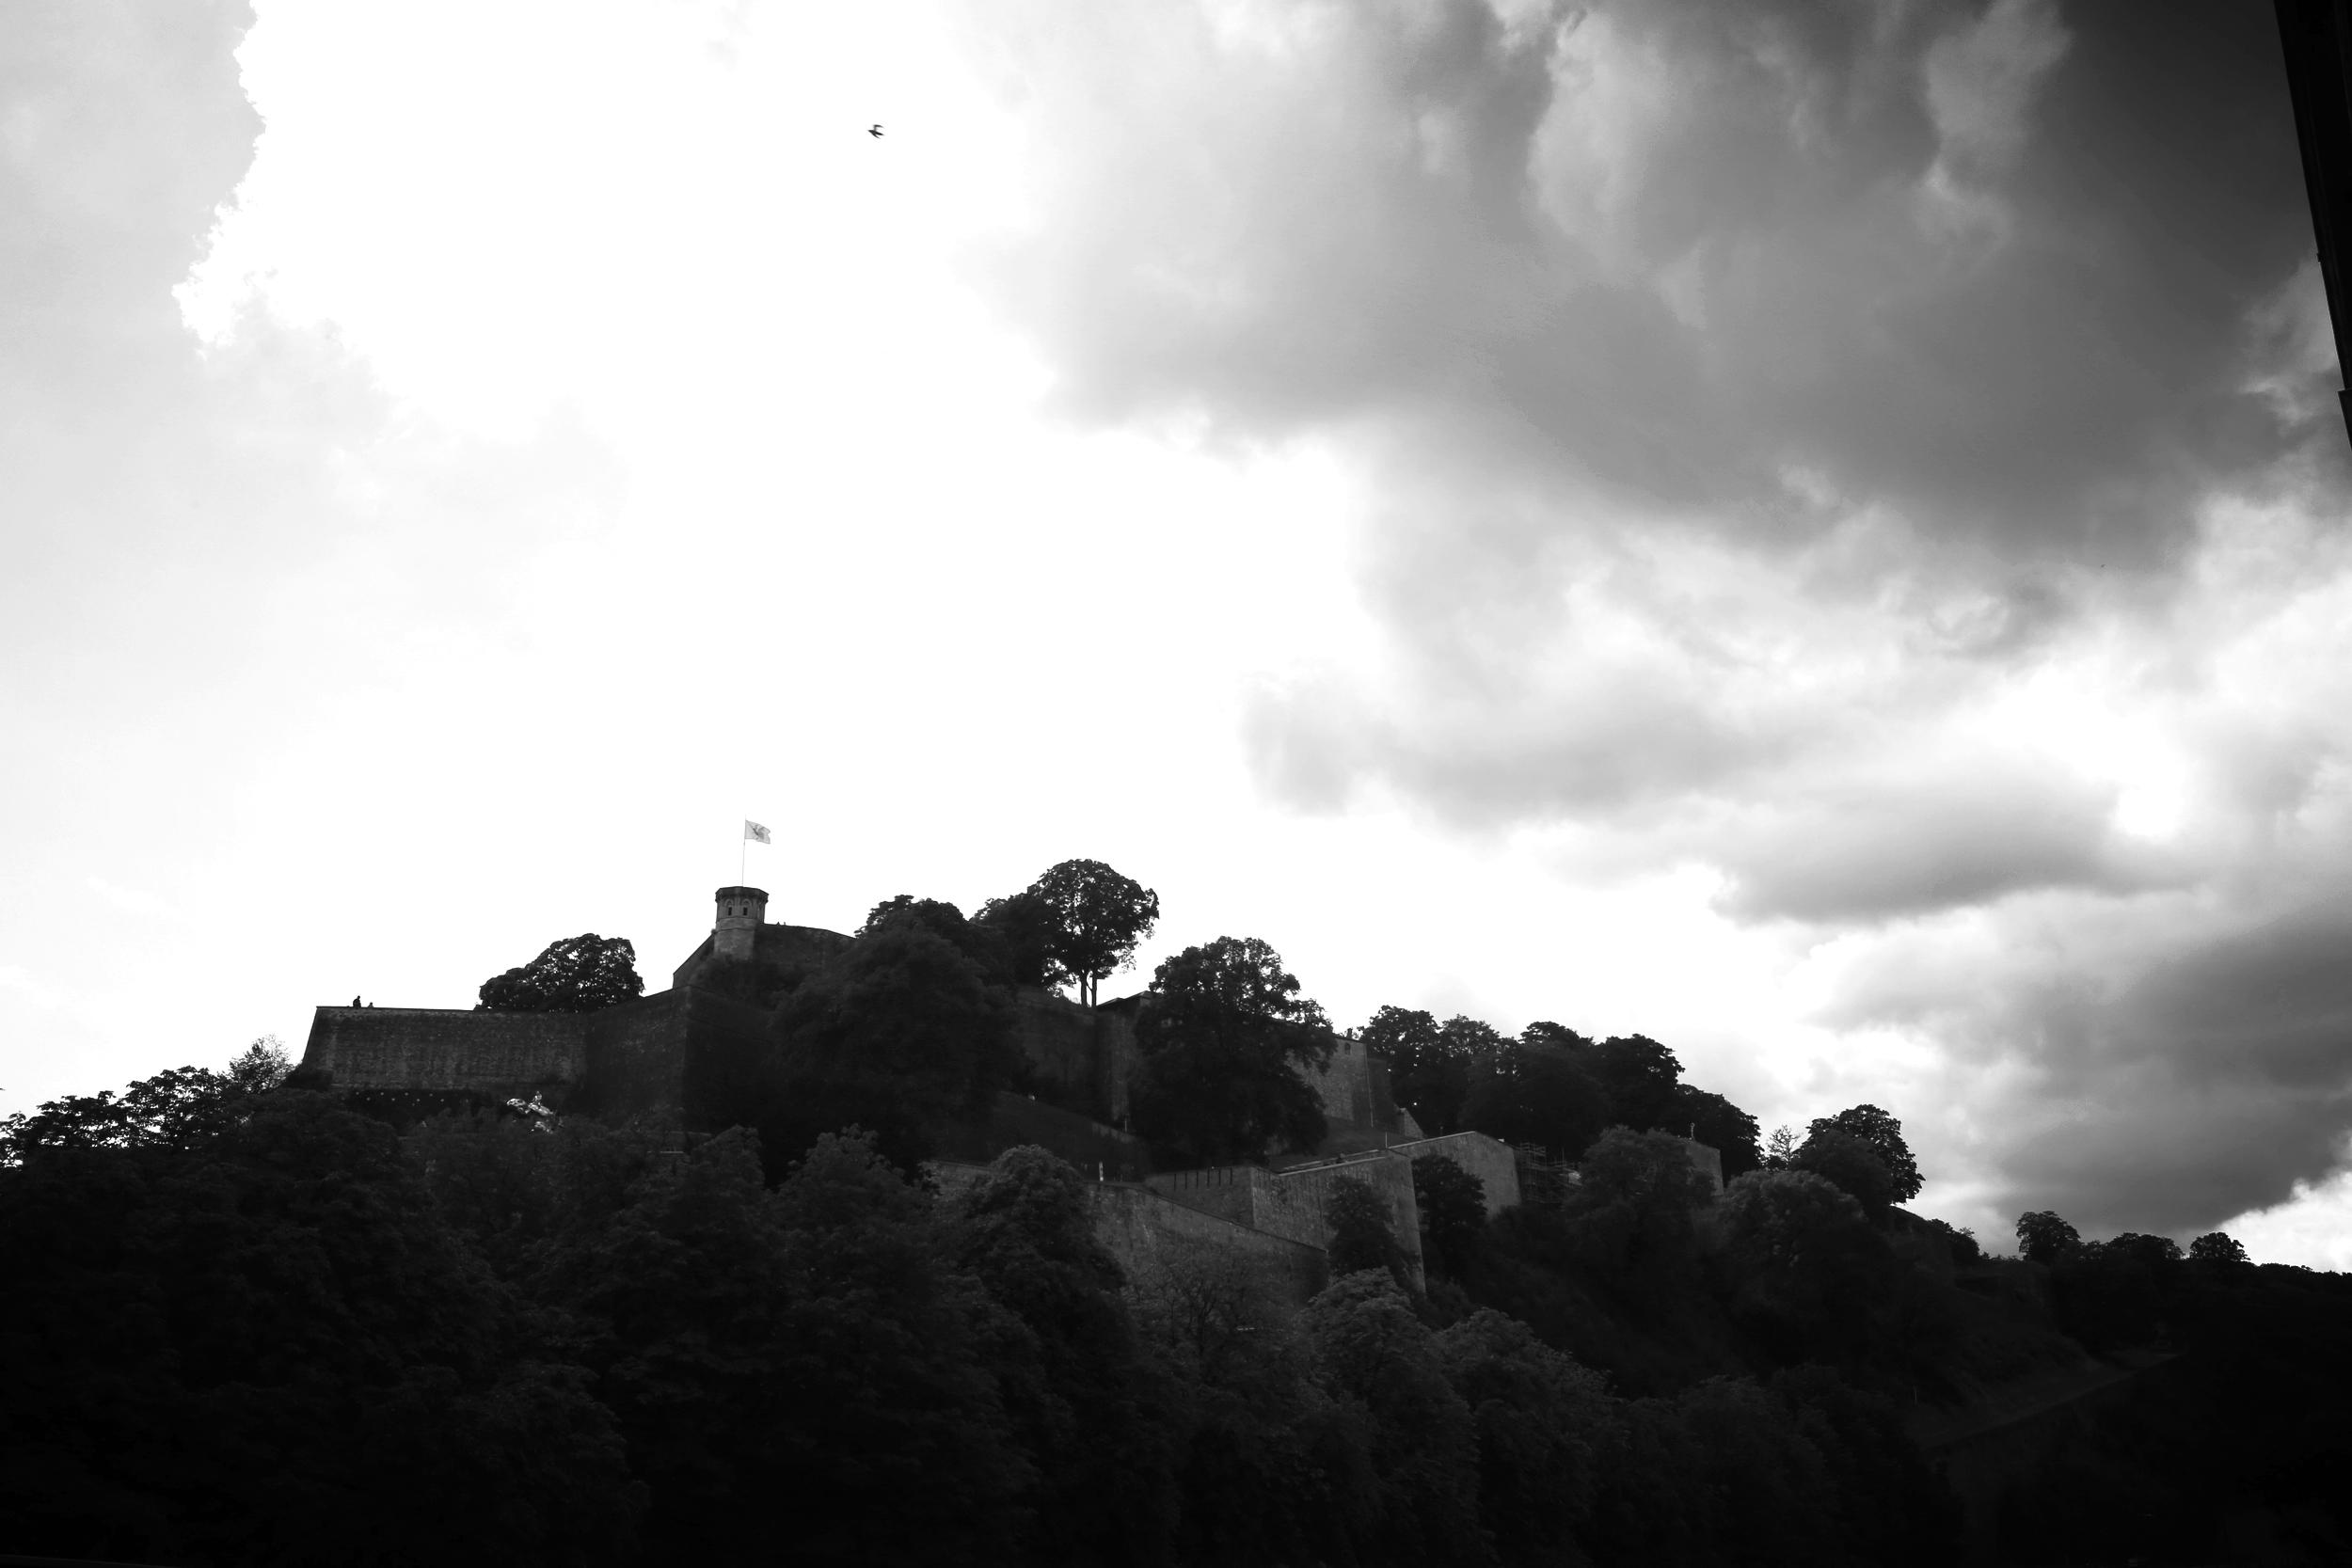 The castle at Namur.